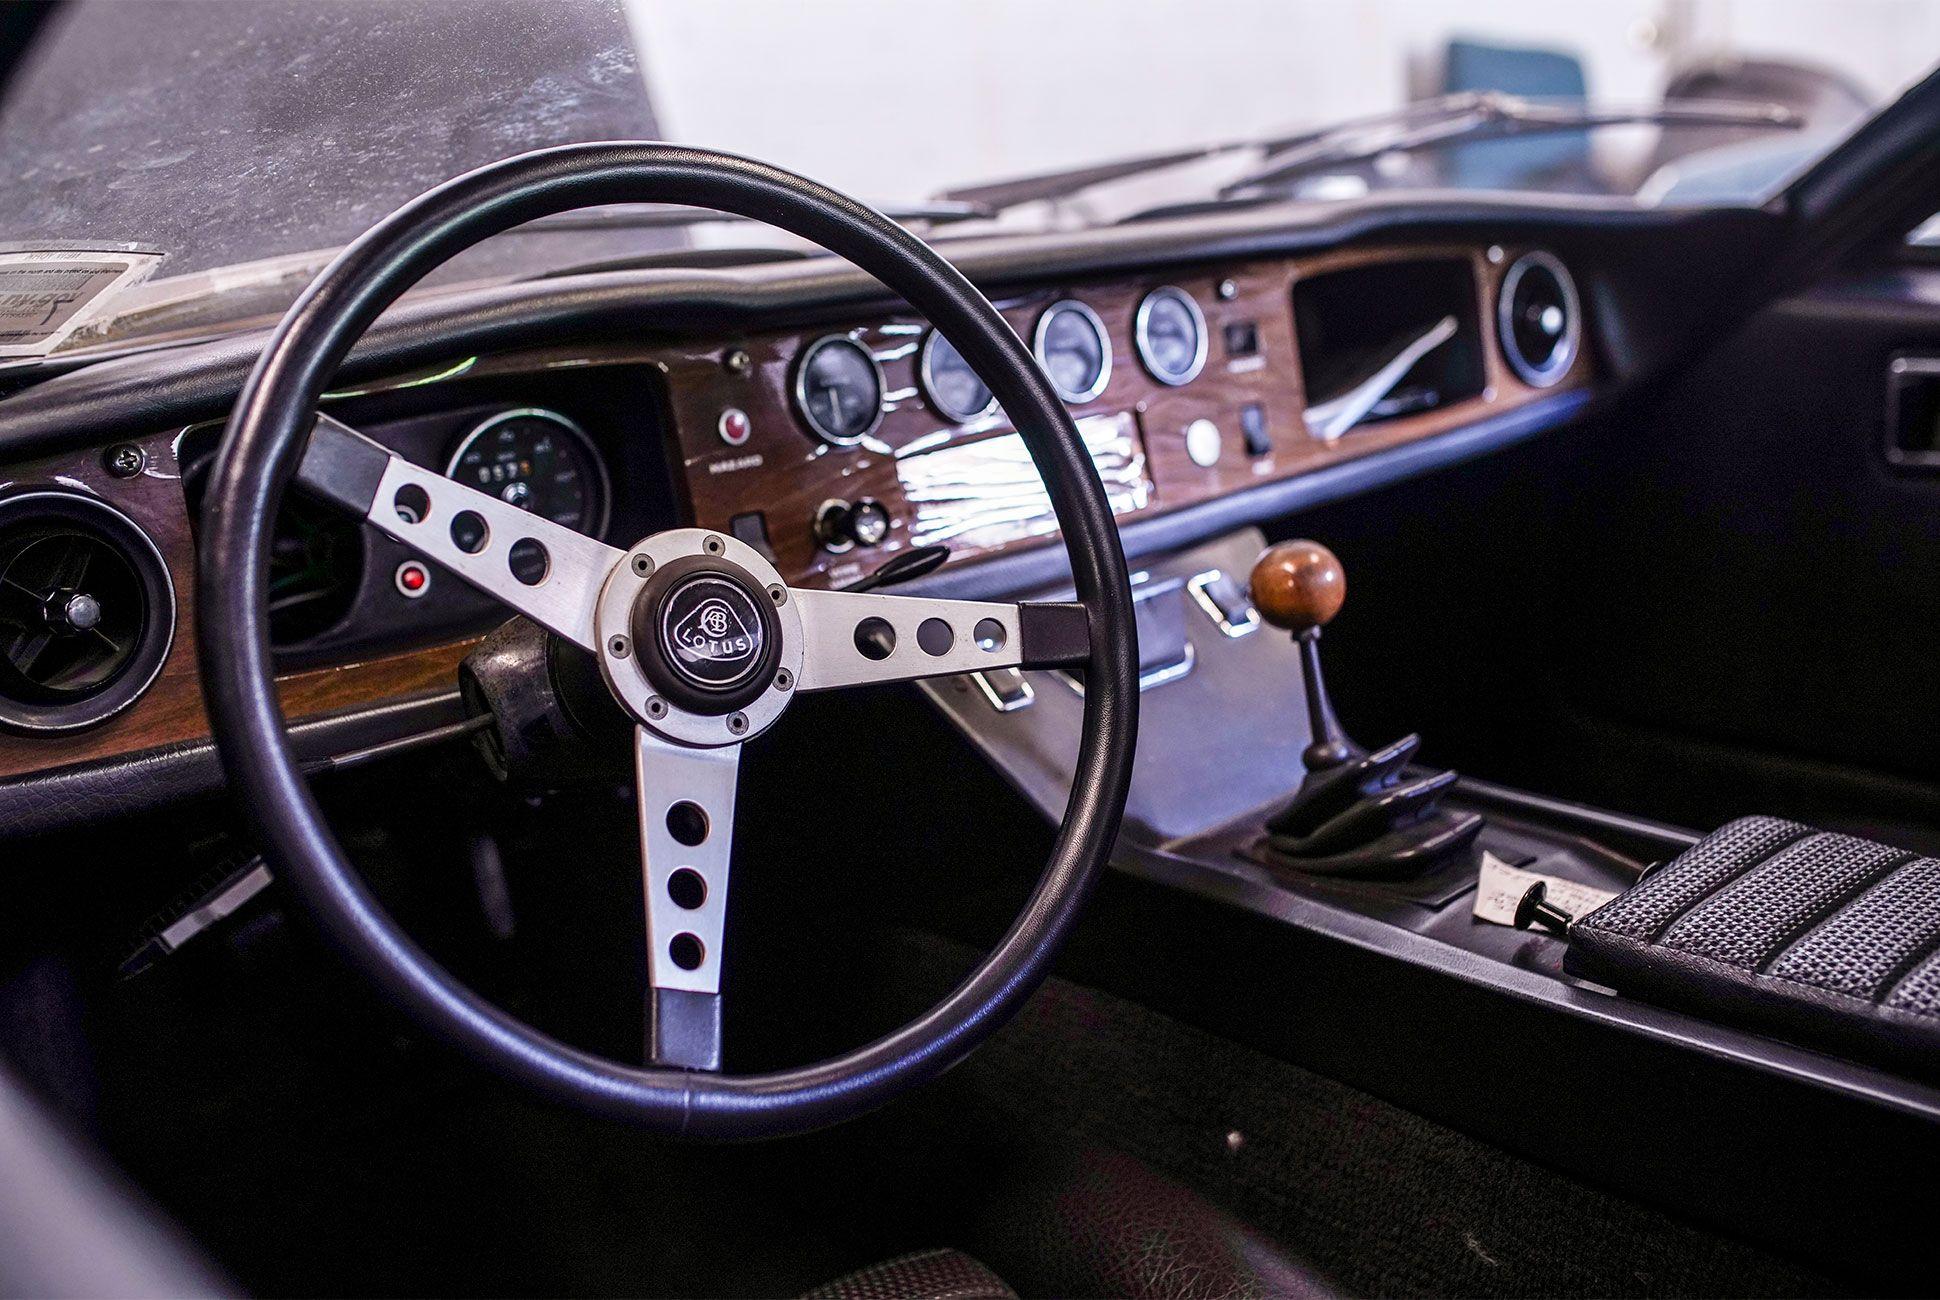 Vintage-Car-Collection-gear-patrol-9